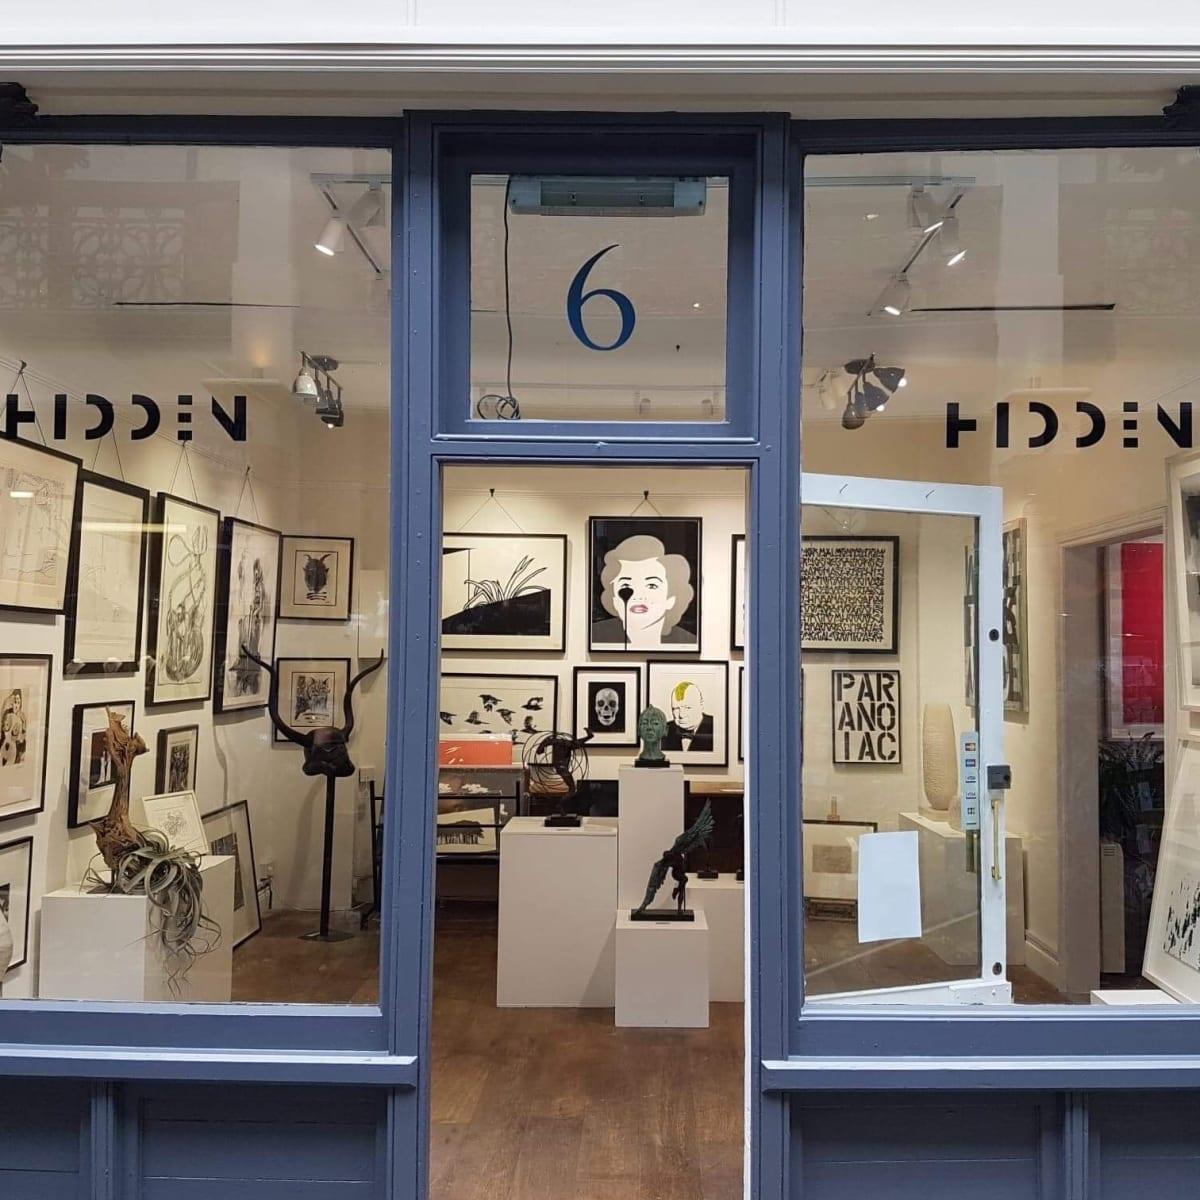 Hidden Gallery Bristol